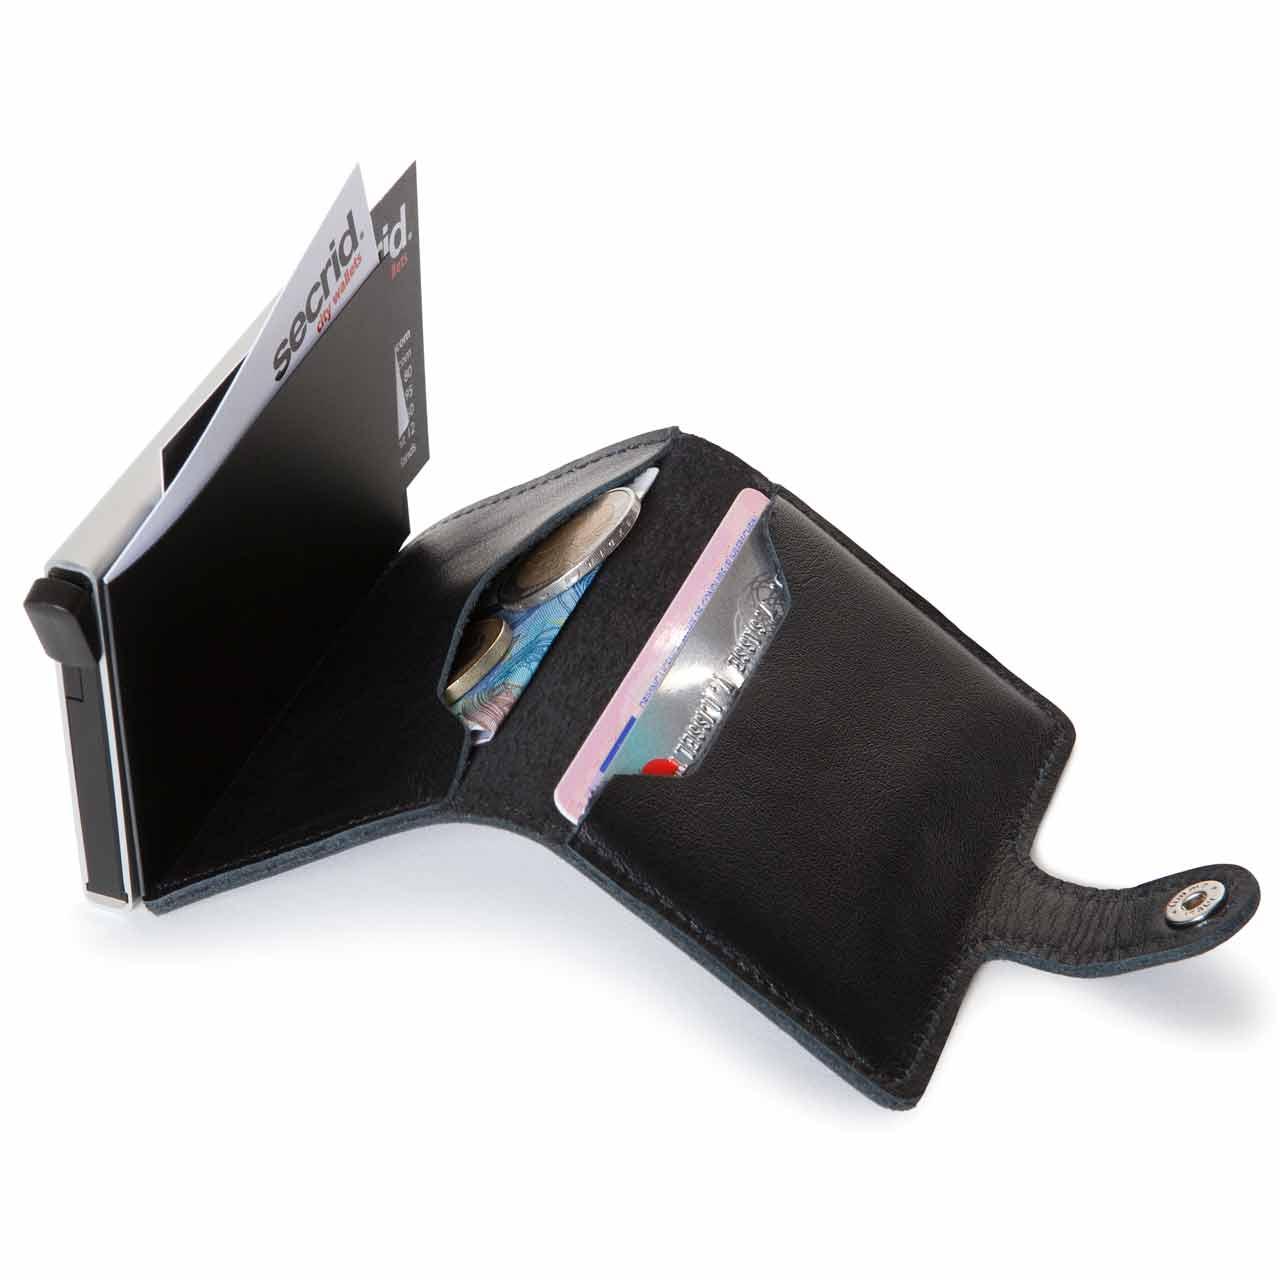 Secrid miniwallet original black leather | The Design Gift Shop